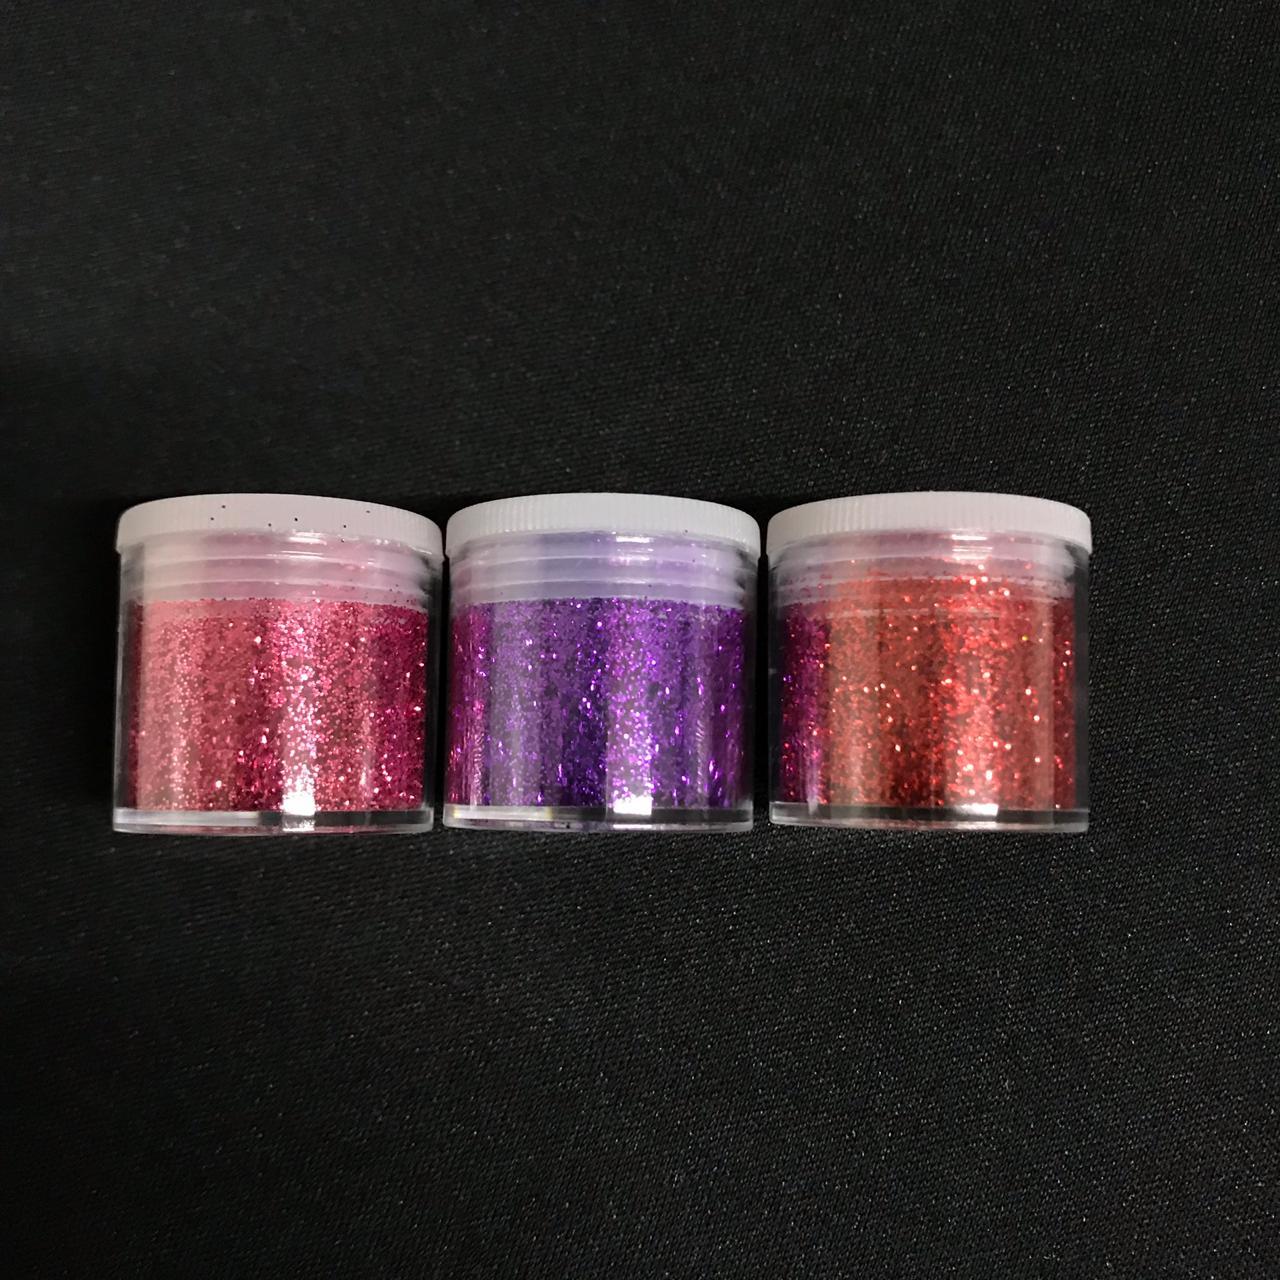 kit Boca Glitter 3 potes Contendo 6g (cada)  nas Cores Rosa, Roxo e Vermelho